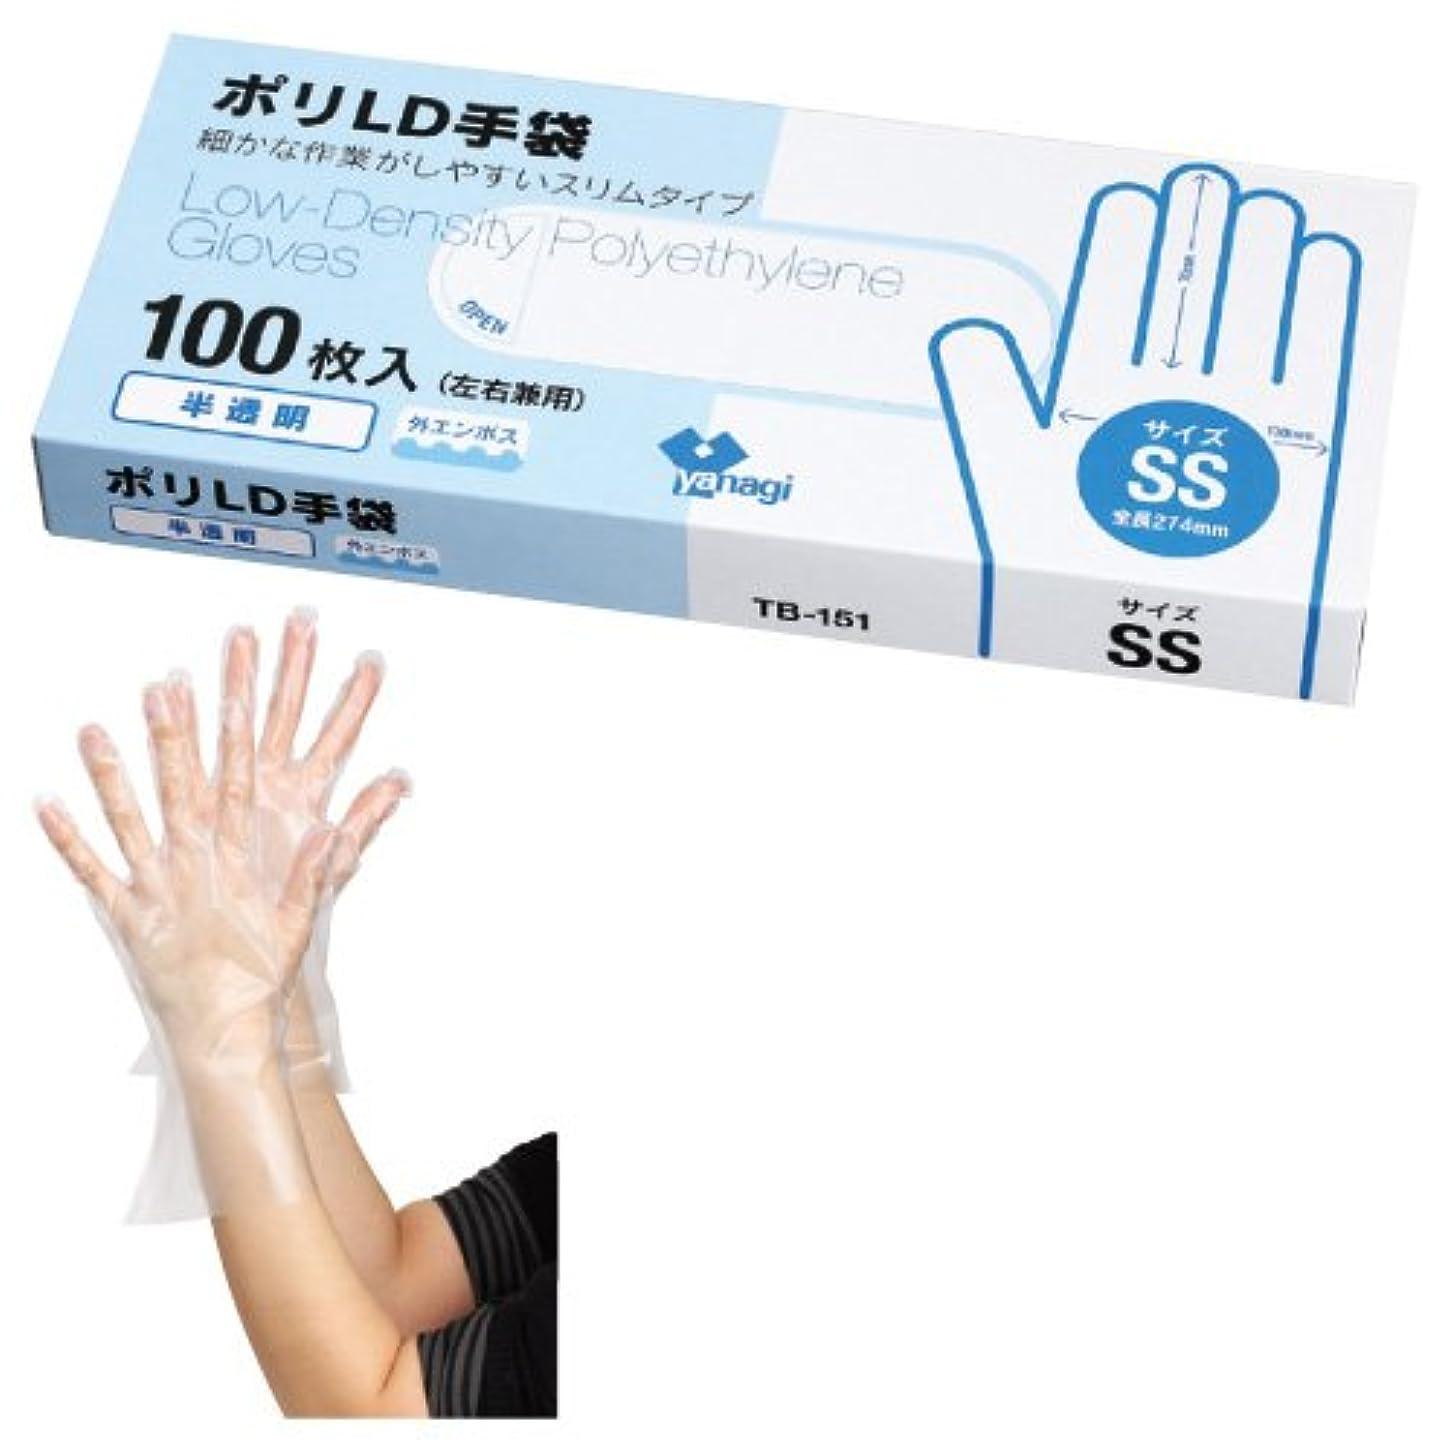 プロペラインタフェースオズワルドポリLD手袋(半透明)外エンボス TB-154(L)100???????LD???????????????(24-3471-03)